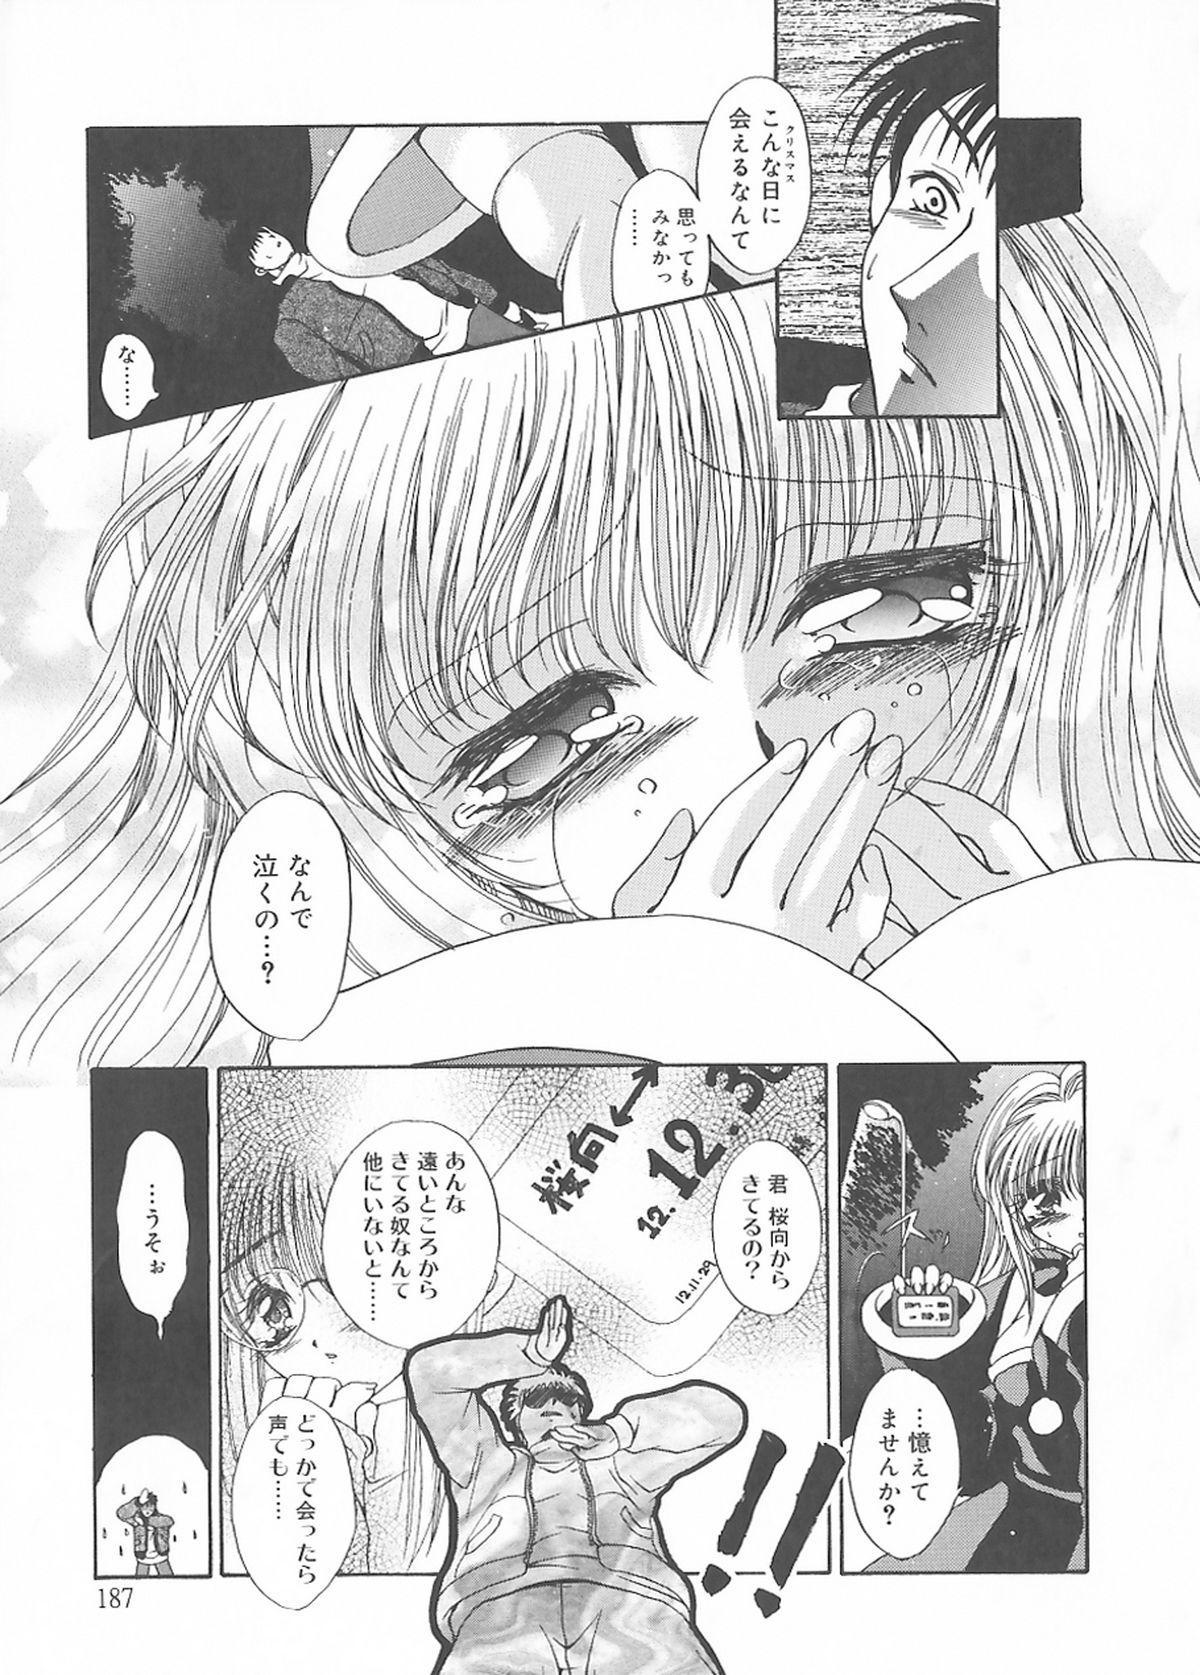 Cream Tengoku - Shinsouban 184